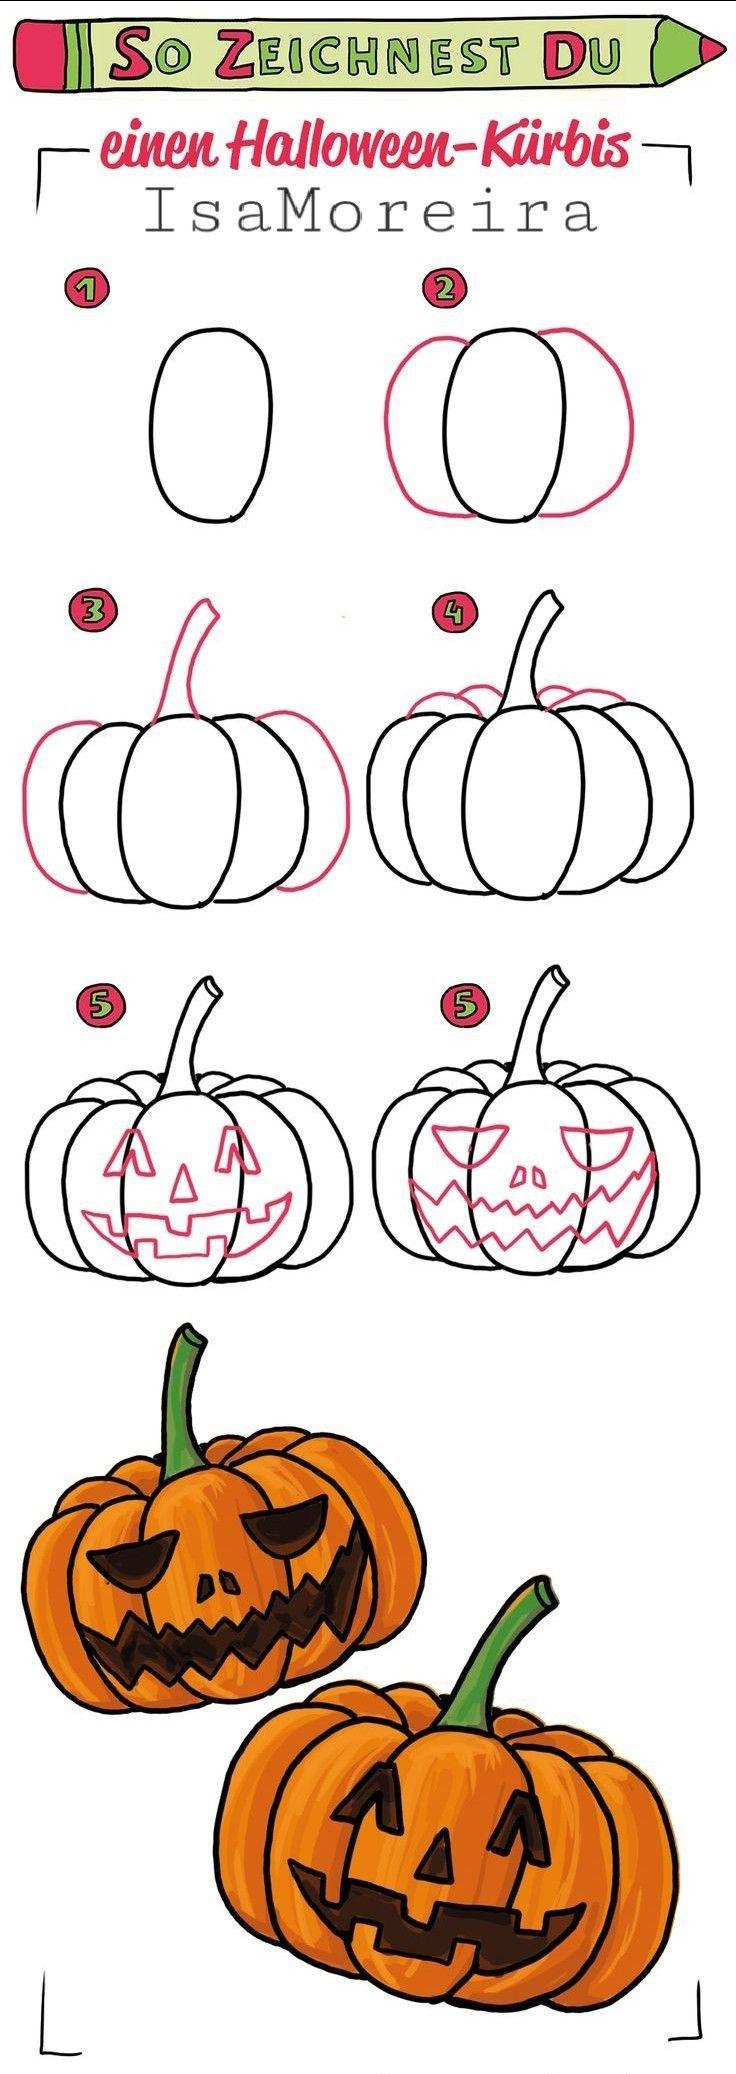 Decorações de Halloween🕸🕷 Pumpkin drawing, Halloween doodle